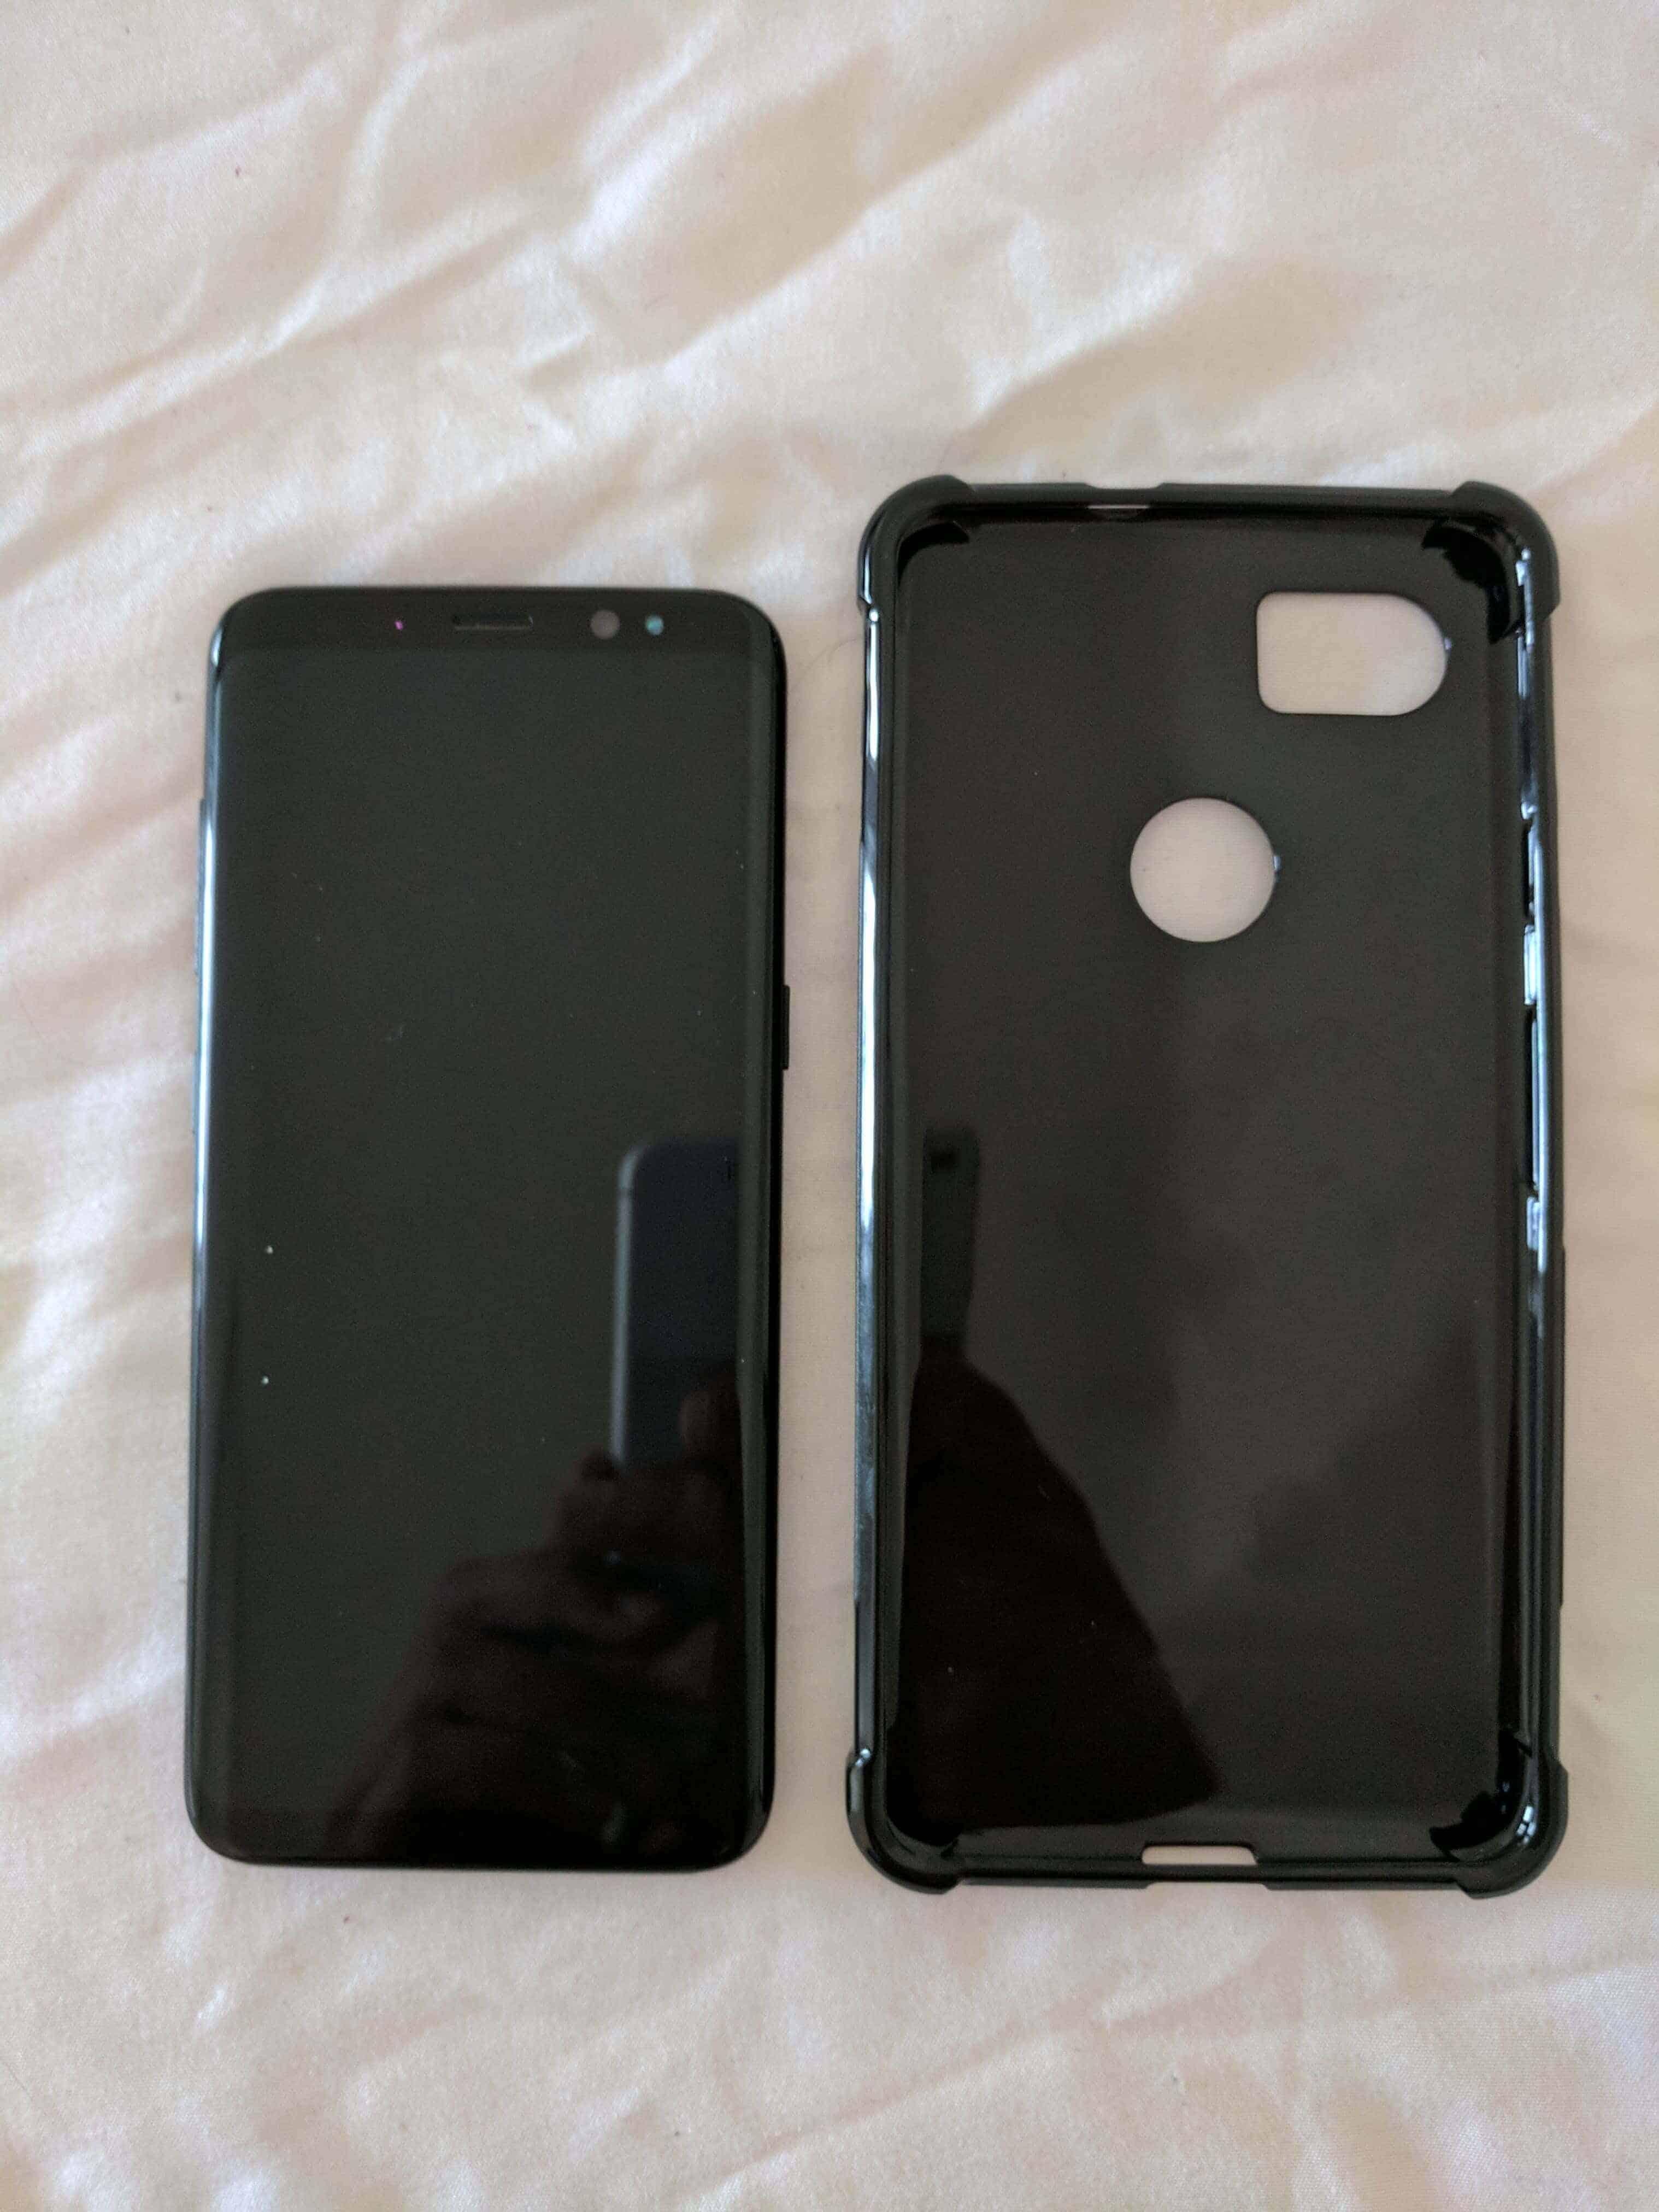 Pixel XL 2 Case Size Comparison Imgur Leak 5